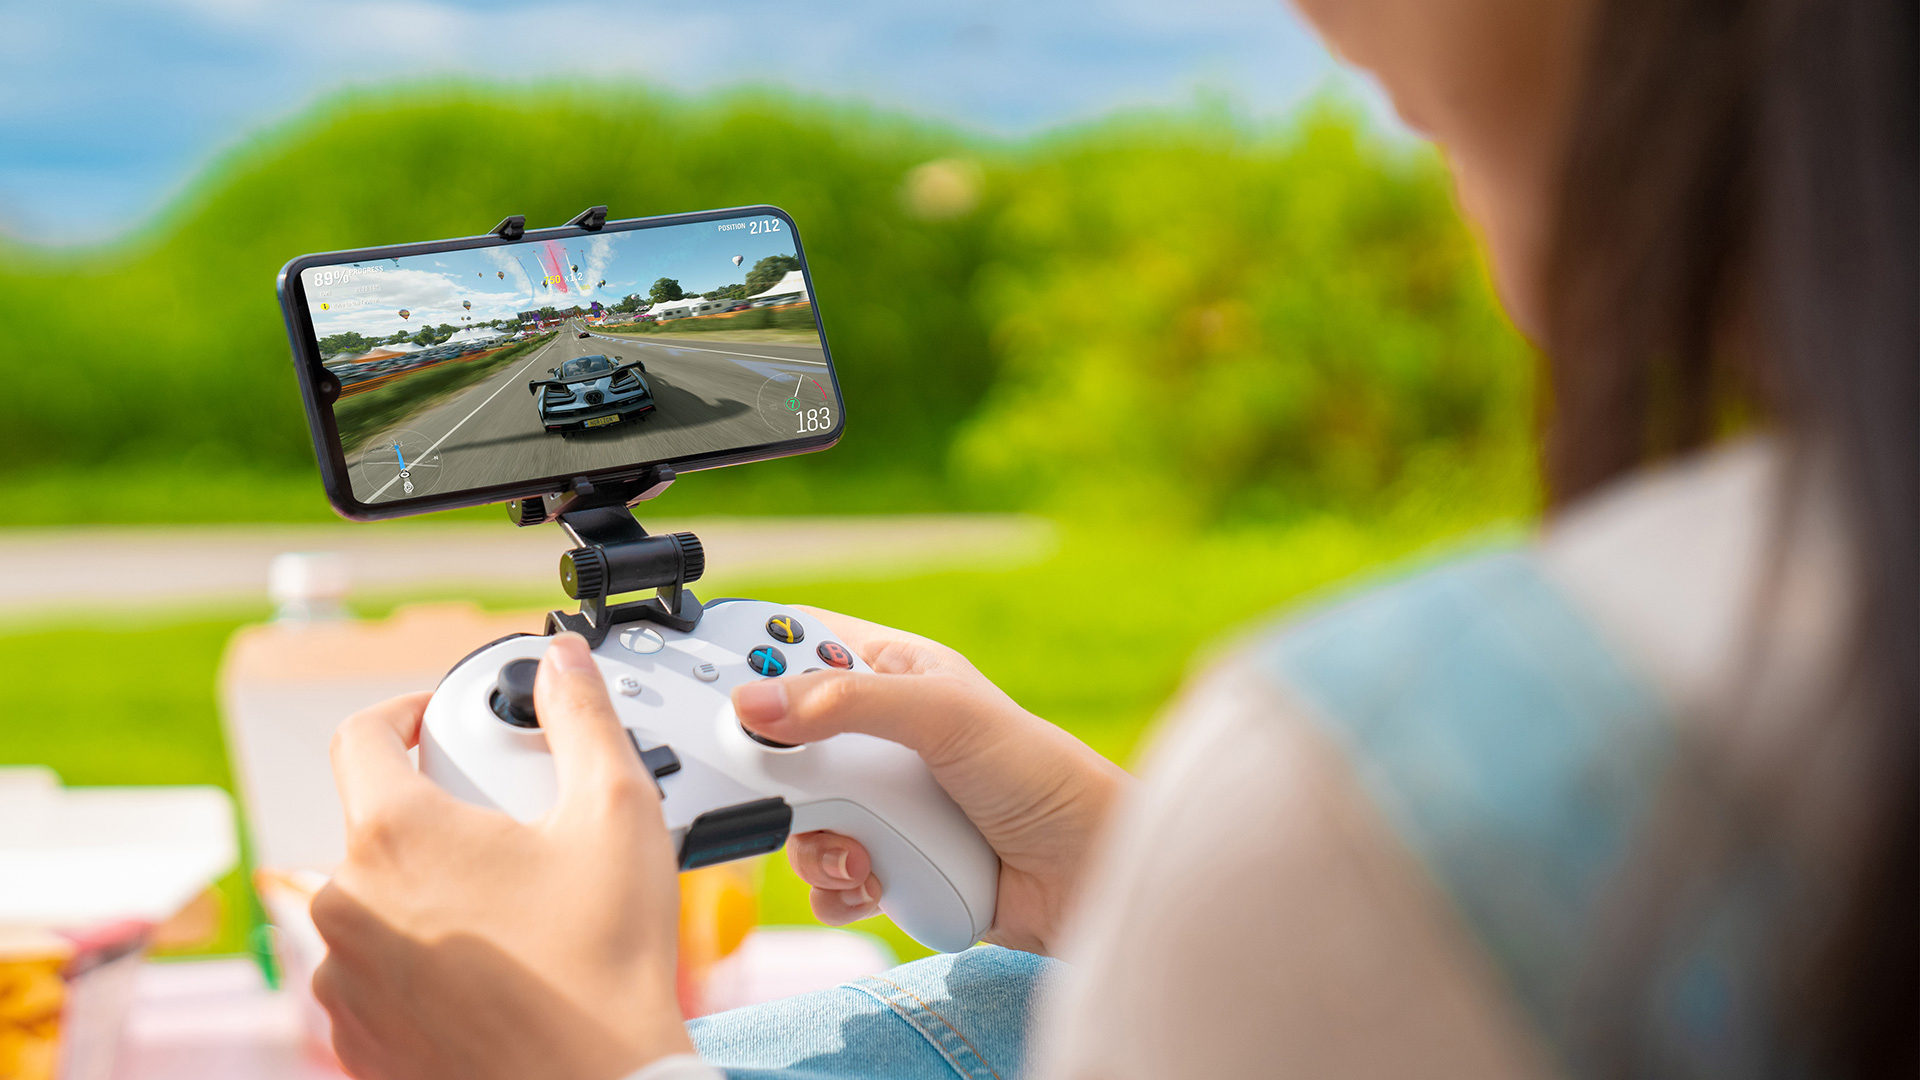 Eine Person hält einen Xbox Wireless Controller, der mit einem mobilen Gerät verbunden ist.